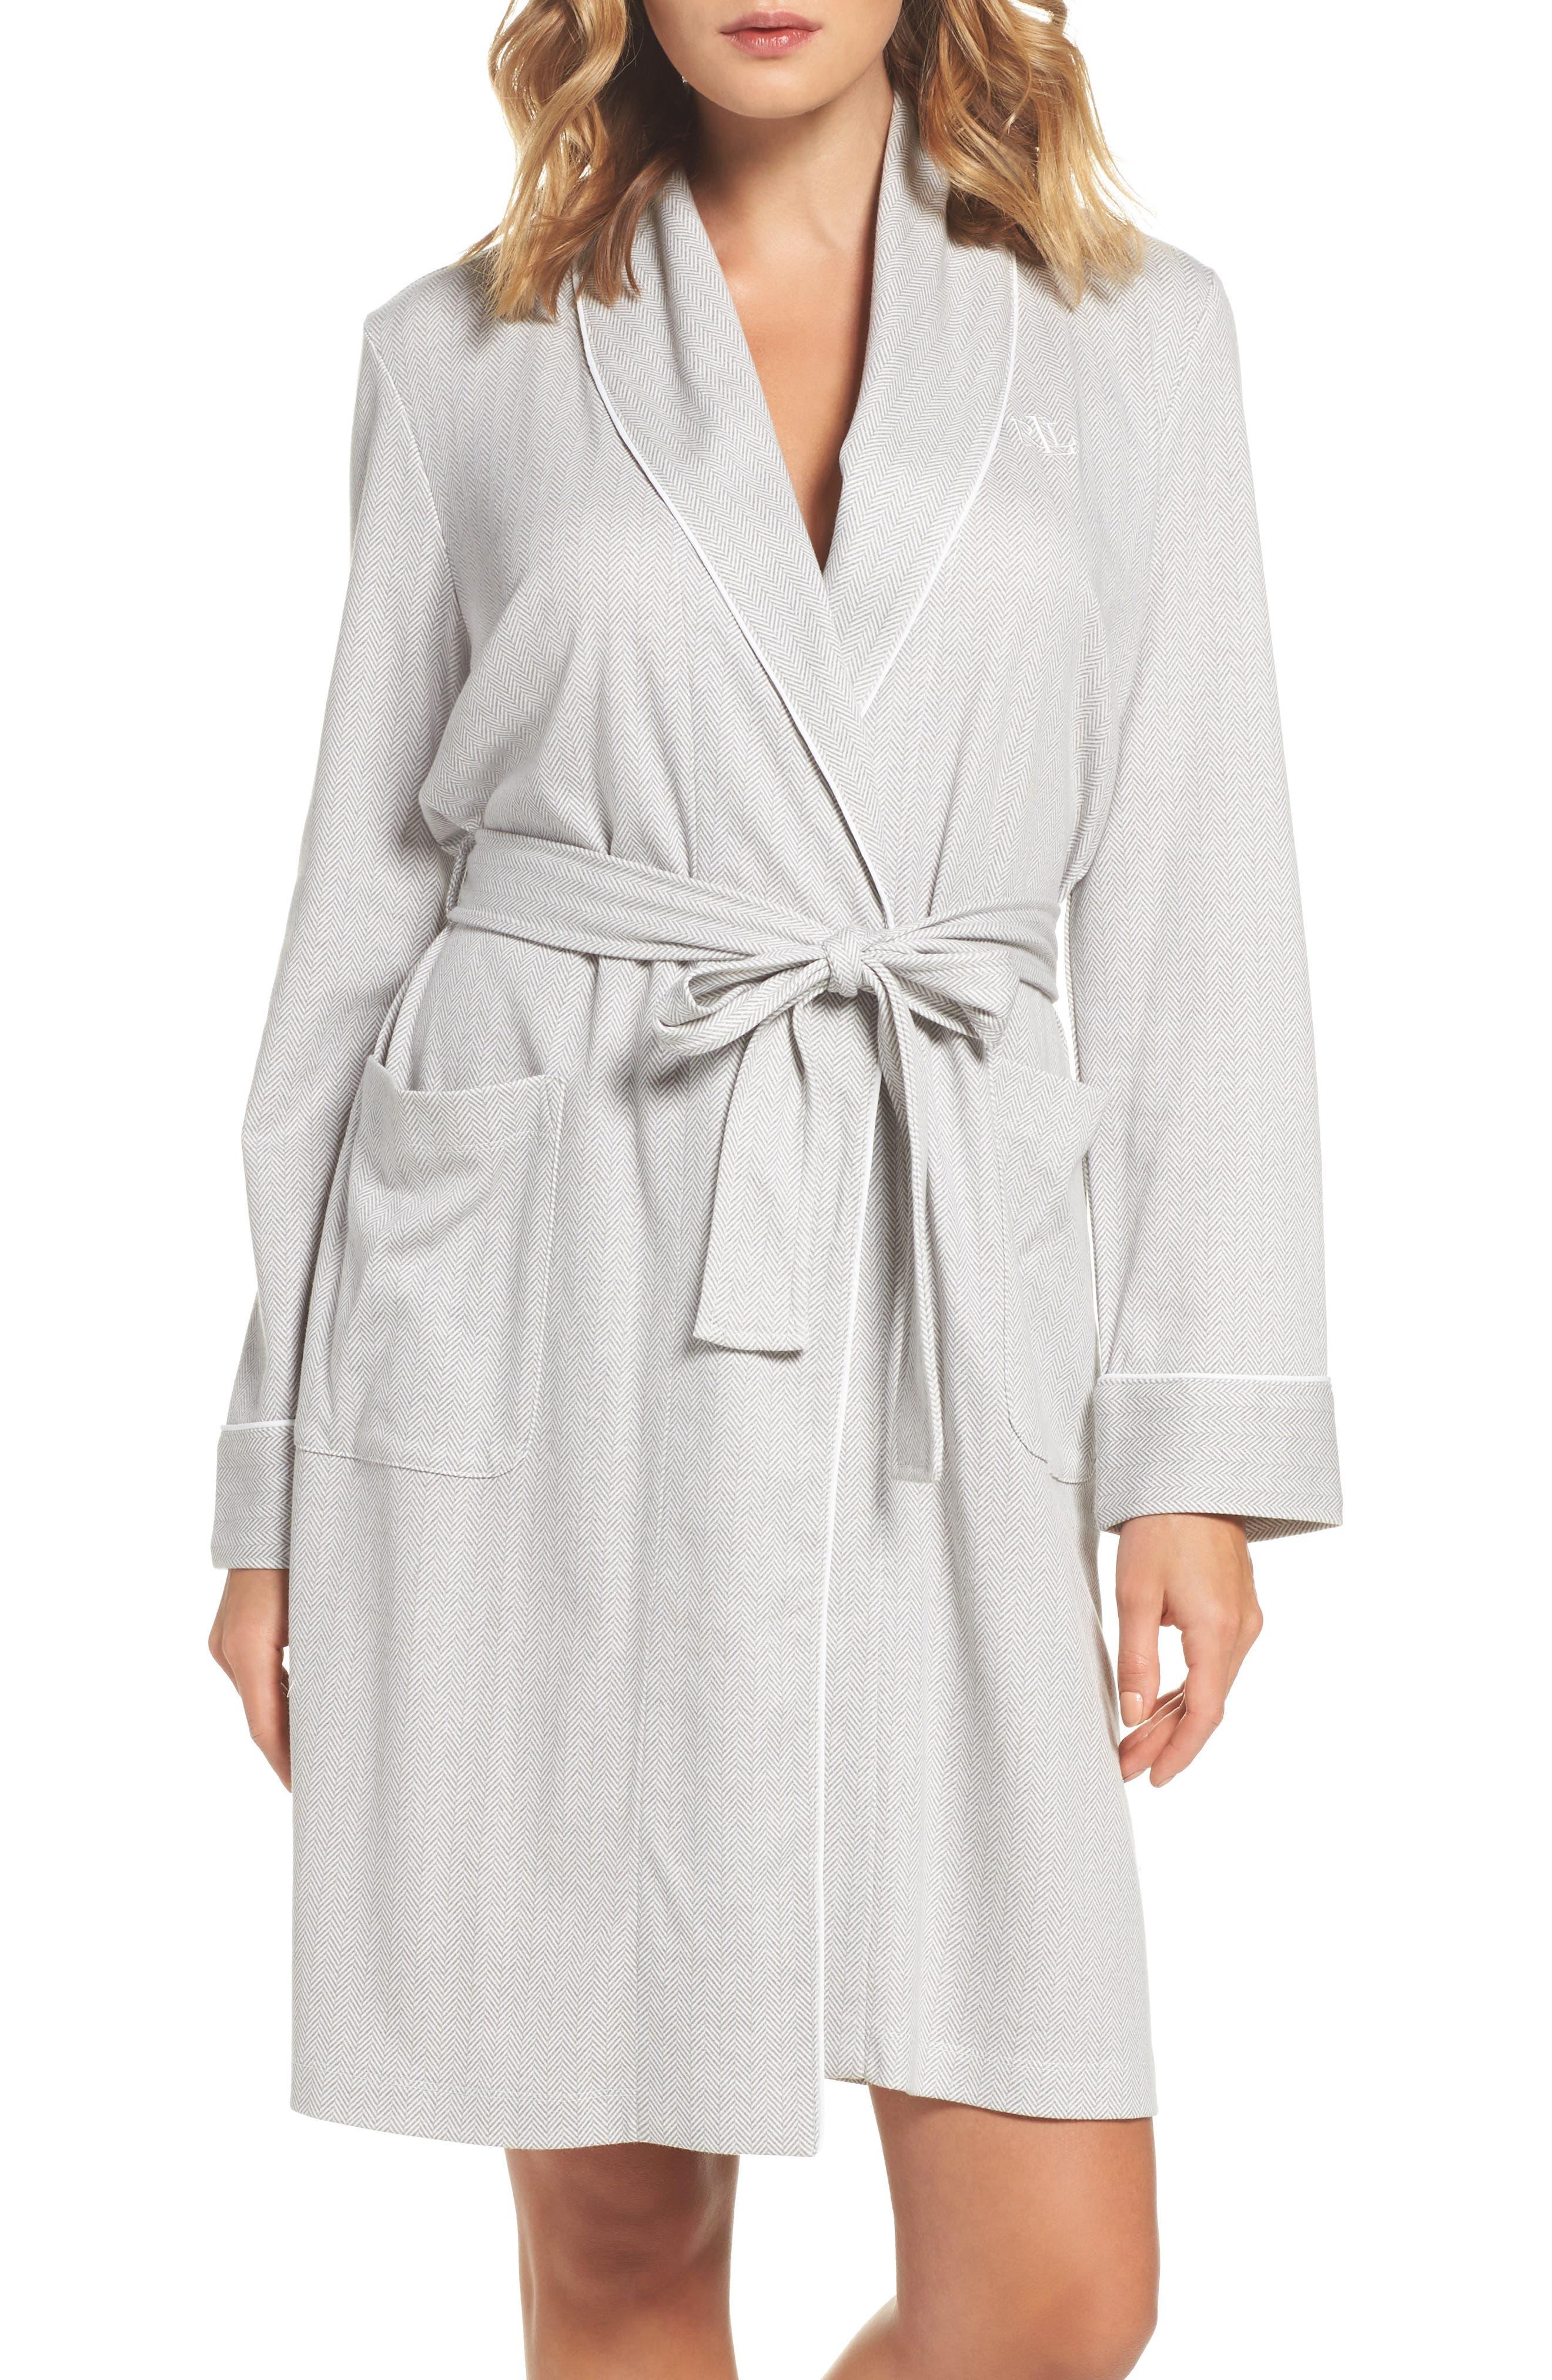 Alternate Image 1 Selected - Lauren Ralph Lauren Short Robe